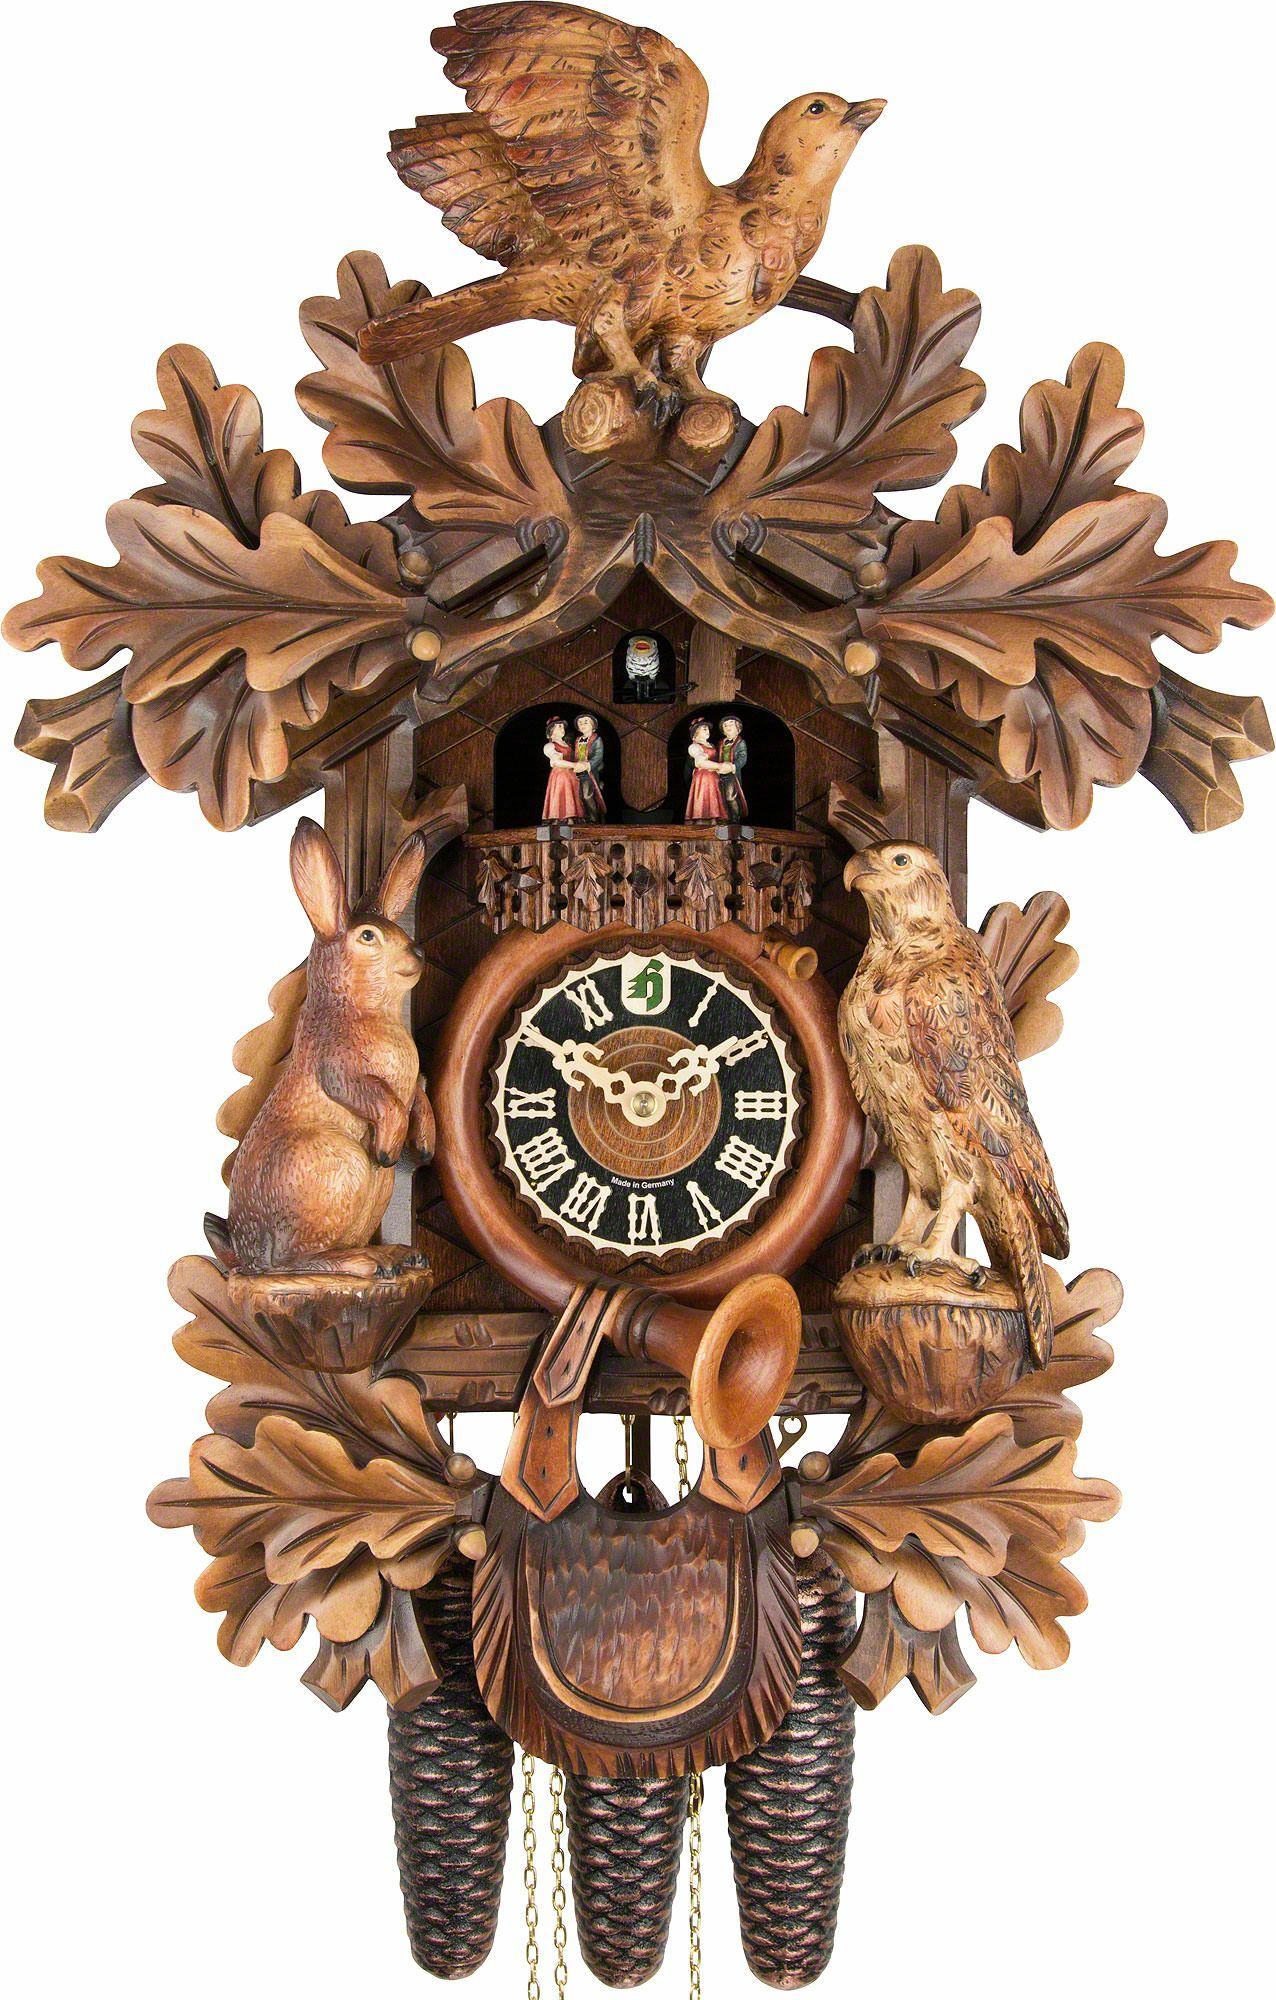 horloge coucou traditionnelle mouvement 8 jours 52cm de h nes horloges coucou. Black Bedroom Furniture Sets. Home Design Ideas